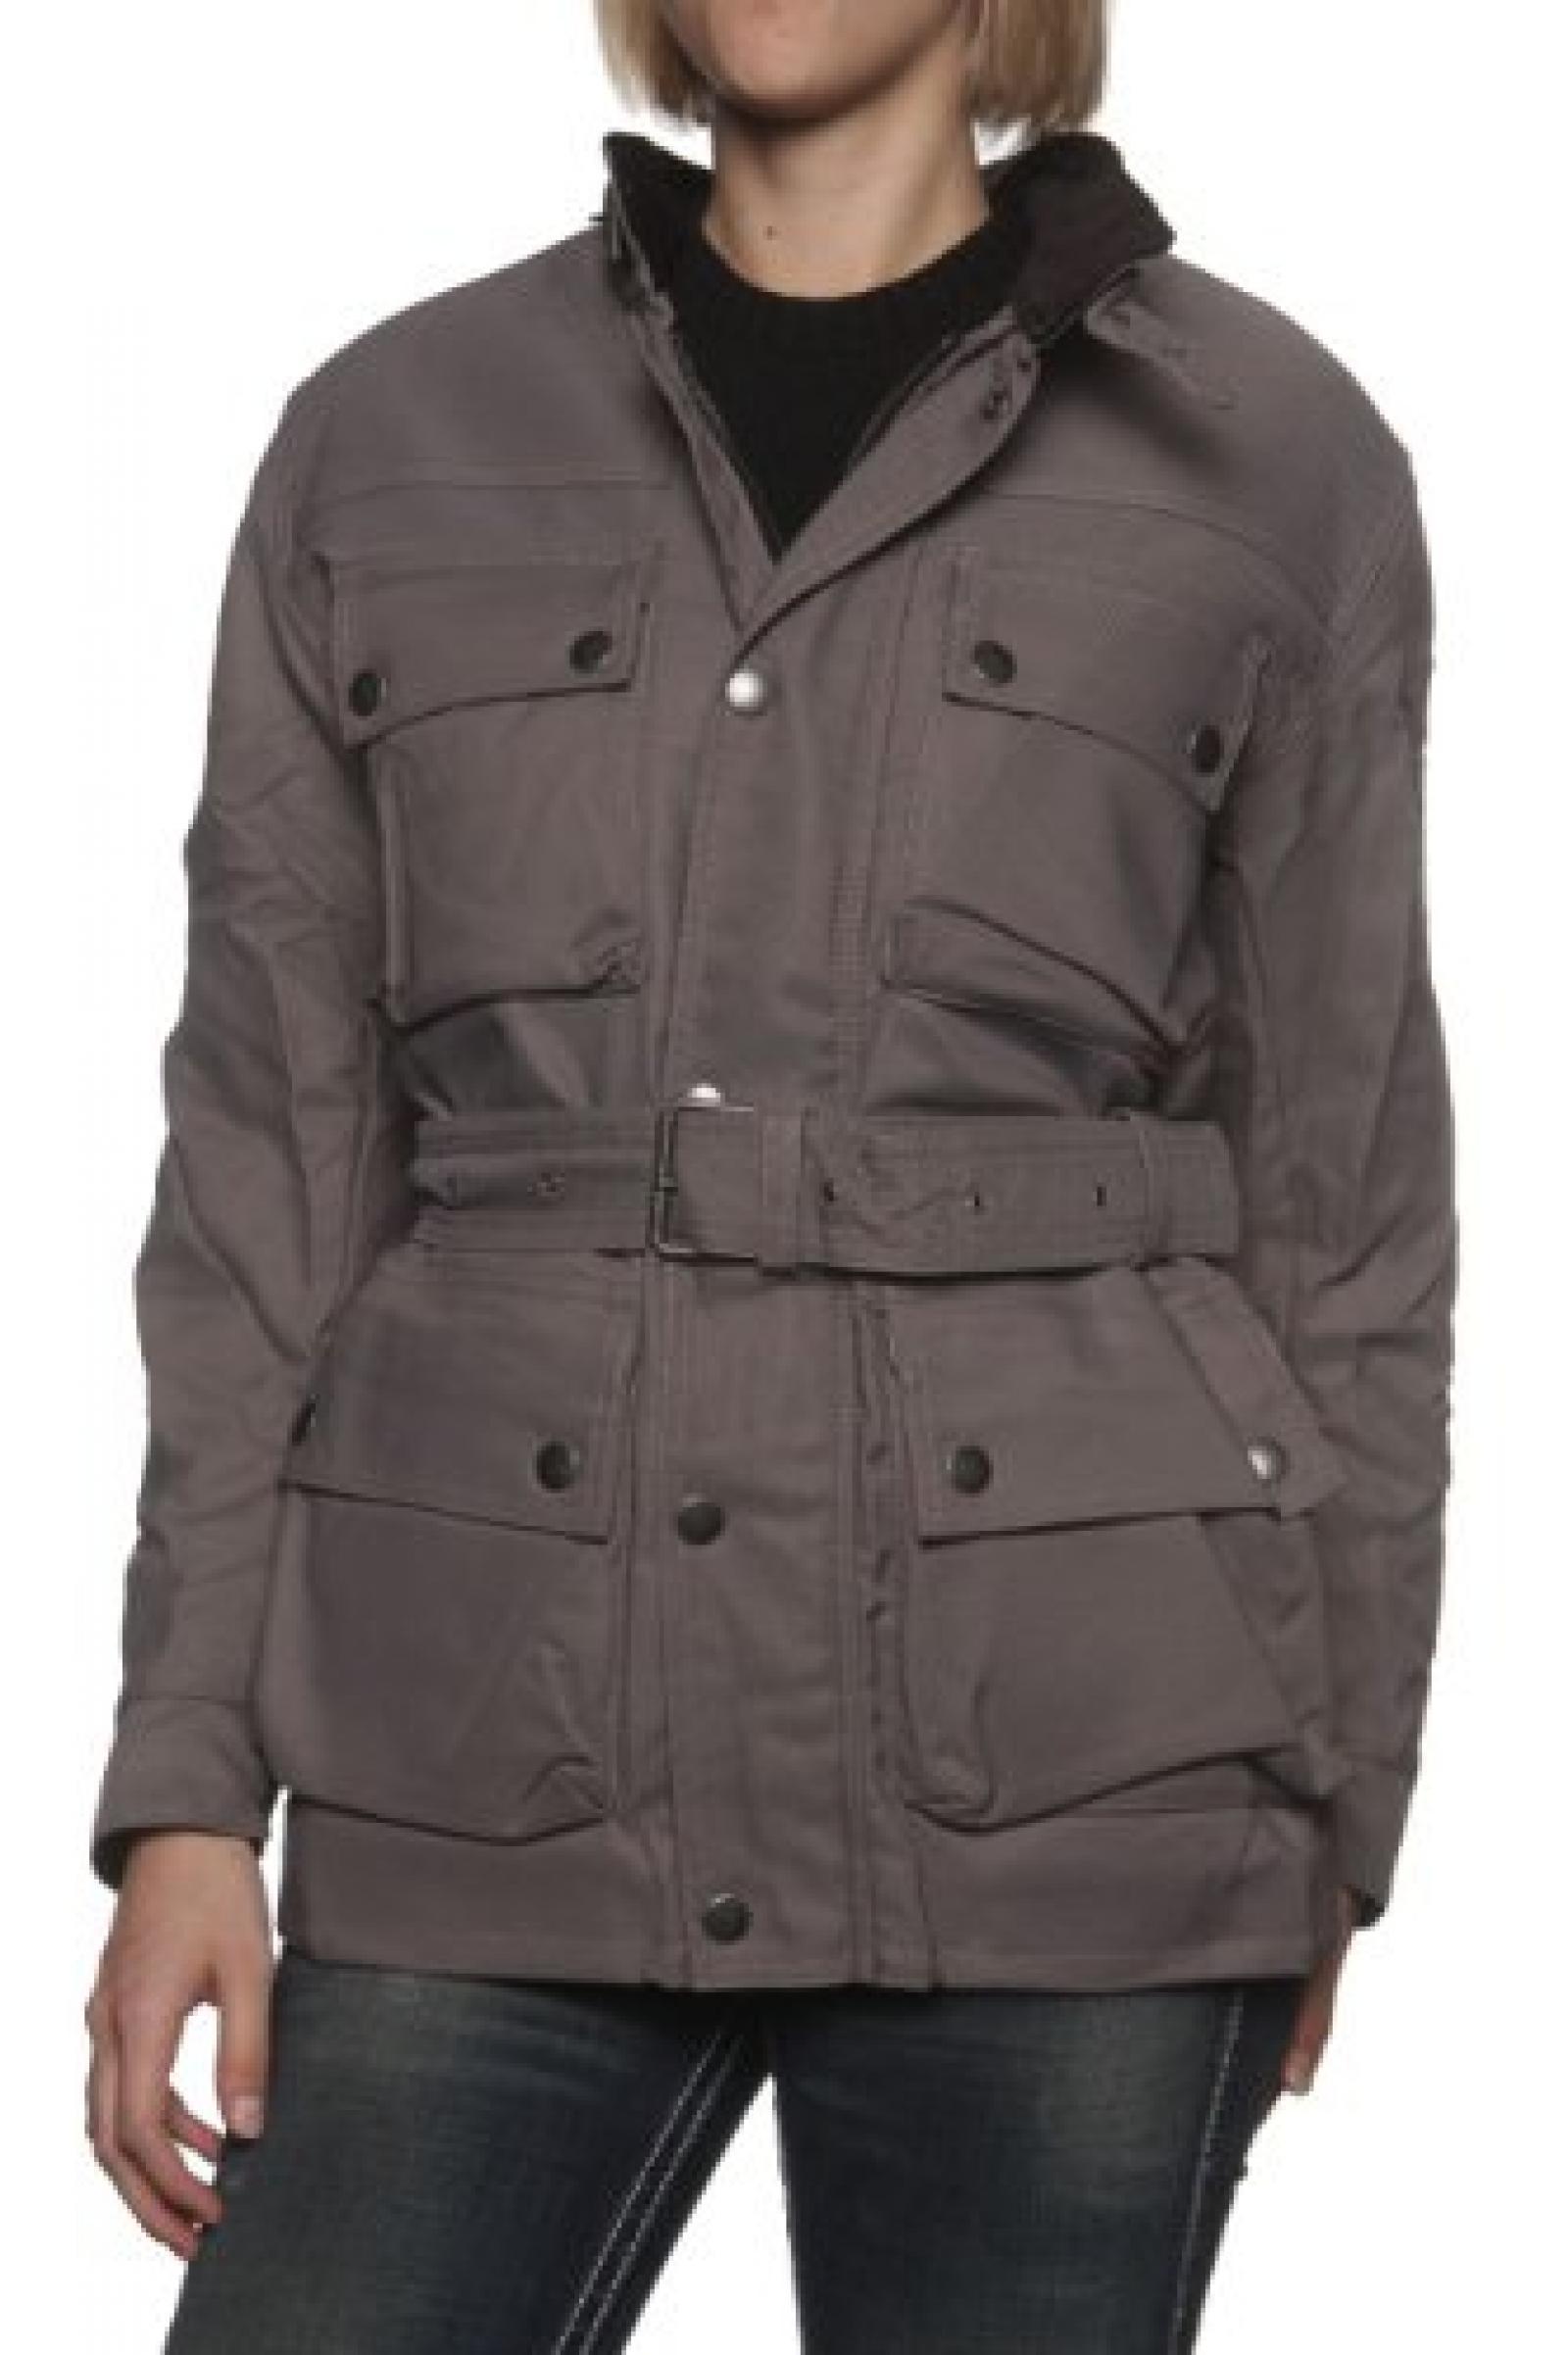 Belstaff Damen Jacke Multifunktionsjacke DELTA FORCE, Farbe: Grau